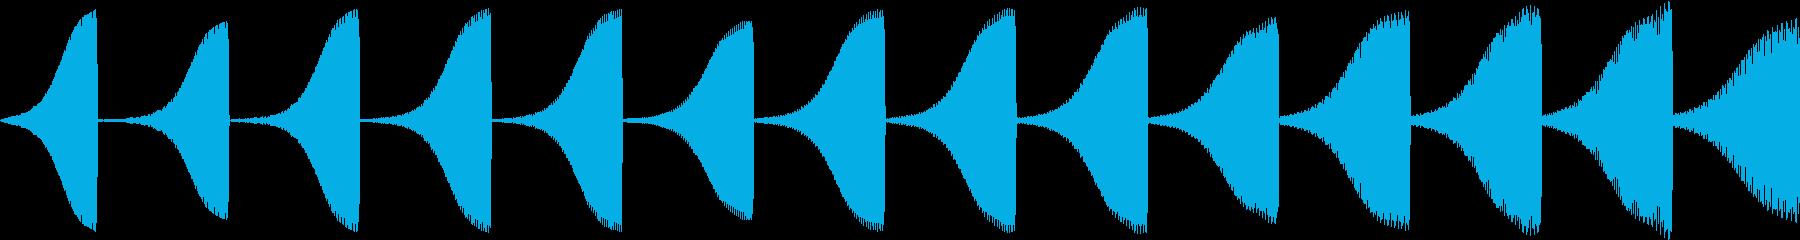 Game 懐かし昭和ゲーム台 失敗の音1の再生済みの波形